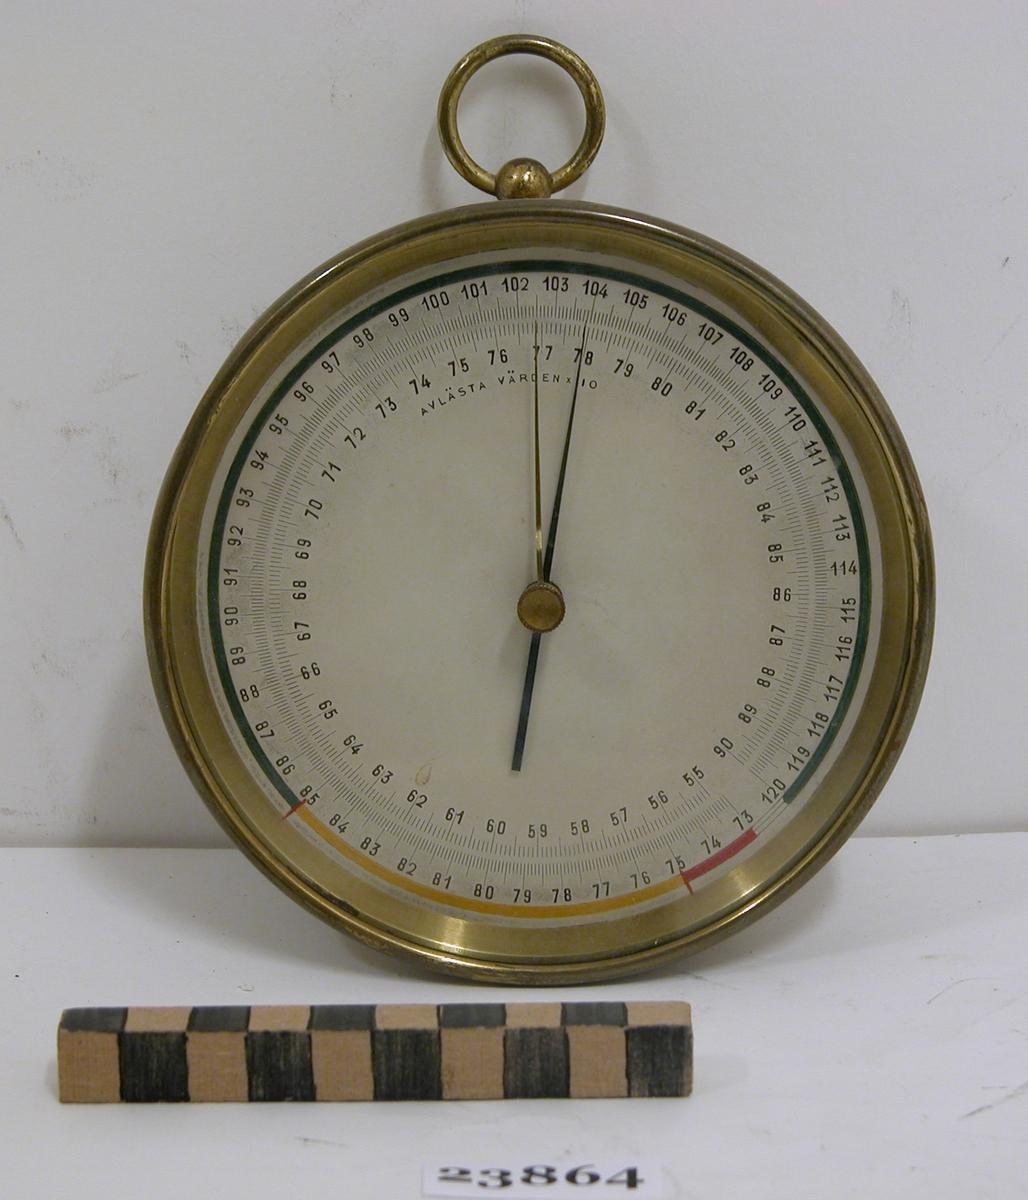 """Barometer i ett hölje av mässing. På ovansidan finns en ring för upphängning. På barometerns baksida finns den stansade texten 10/1952 tillsammans med tre kronor och numret 162. På baksidans mitt finns initialerna """"PHBN"""" inom en cirkel. Barometern är ytterst graderad 73-120, innerst är den graderad 55-90. Mellan graderna 85 och 120 går en grön, målad rand. Mellan 75 och 85 går en gul, målad rand. Mellan 73 och 73 går en röd, målad rand. På tavlan finns texten """"AVLÄSTA VÄRDEN X 10"""". Barometern har en svart visare och en inställbar löpare av mässing."""